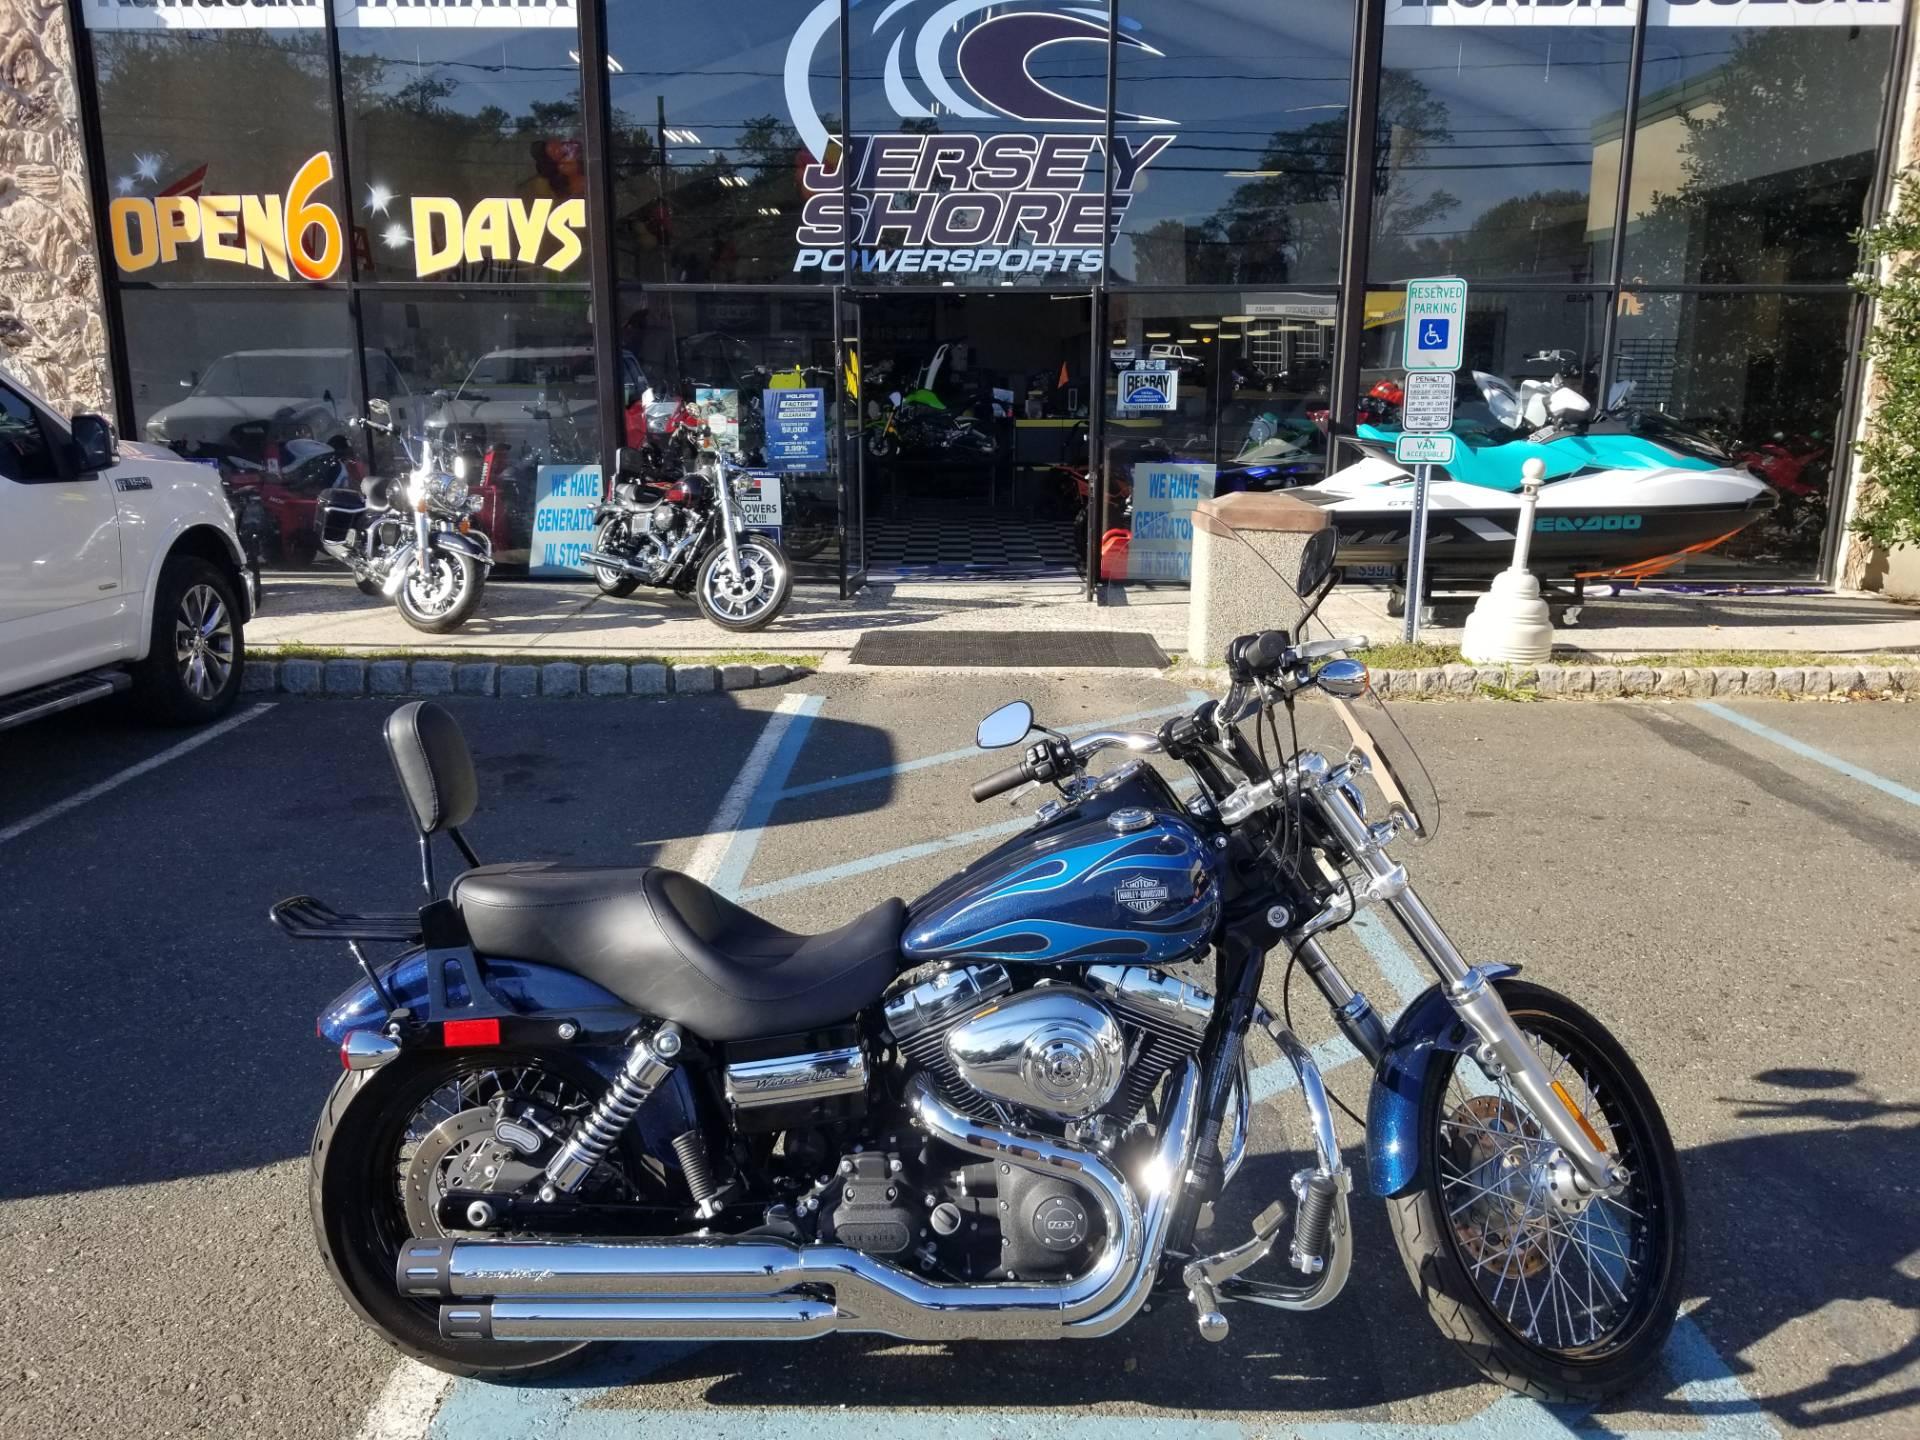 2012 Harley-Davidson Dyna Wide Glide for sale 8184